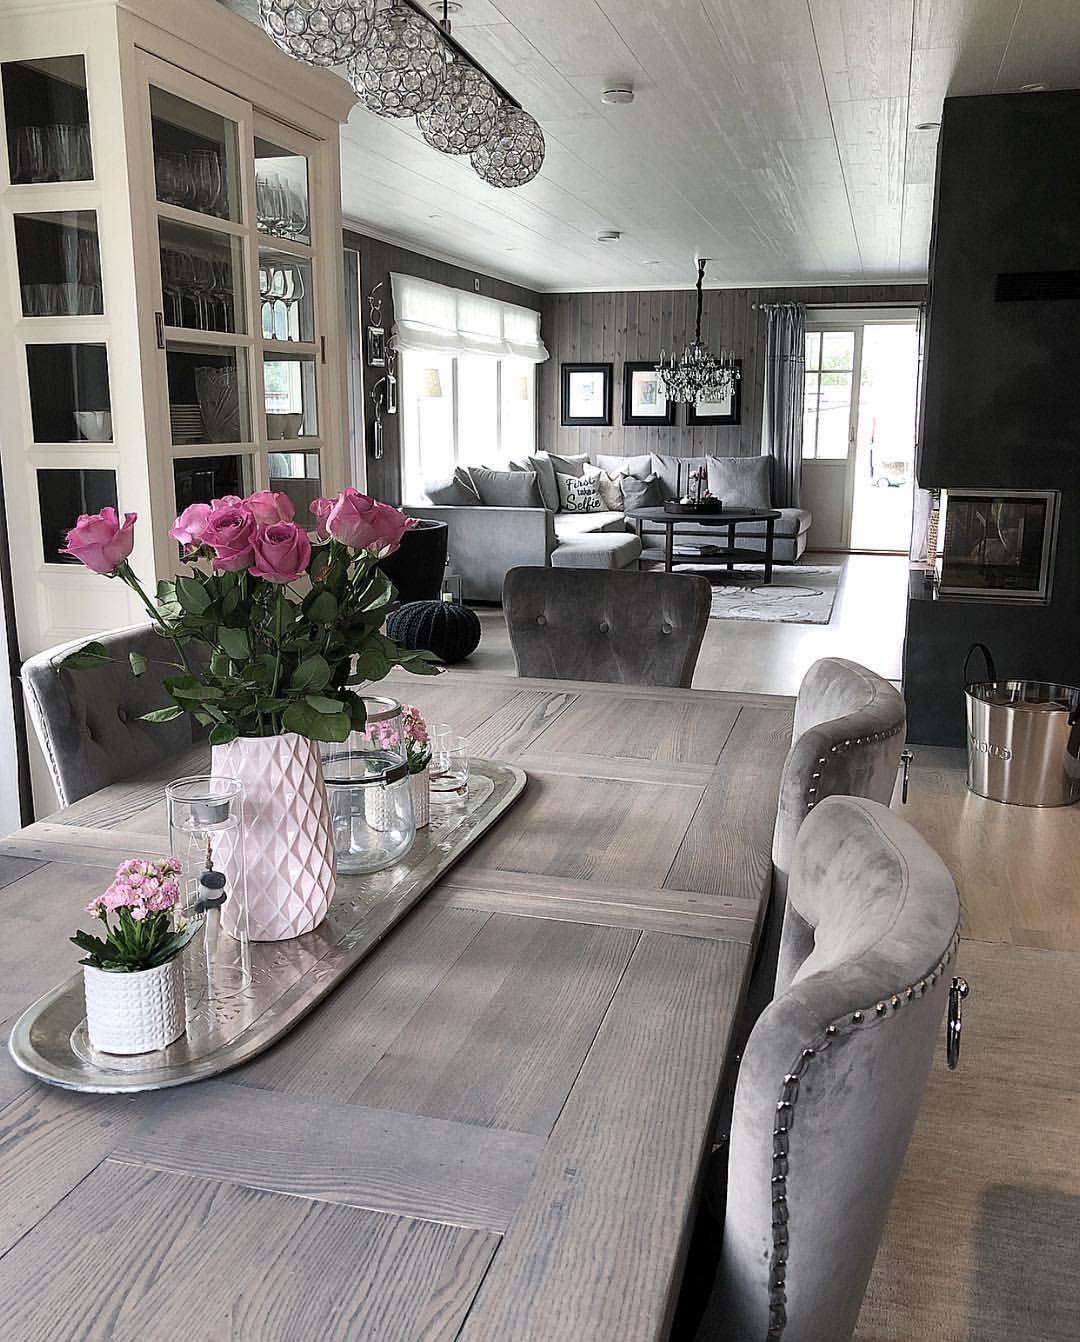 Best Furniture Stores Uk 2018 Interior Design School Interior Design Companies Best Interior Design